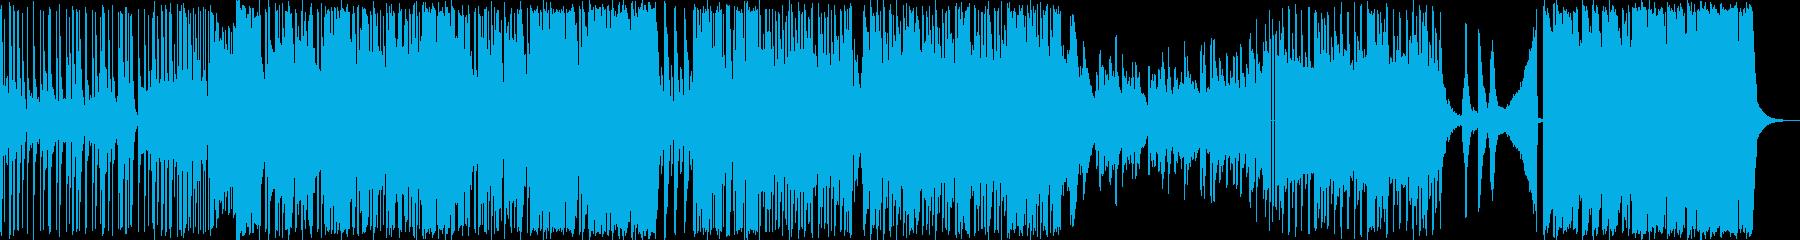 激しく駆け抜けるようなピアノインストの再生済みの波形